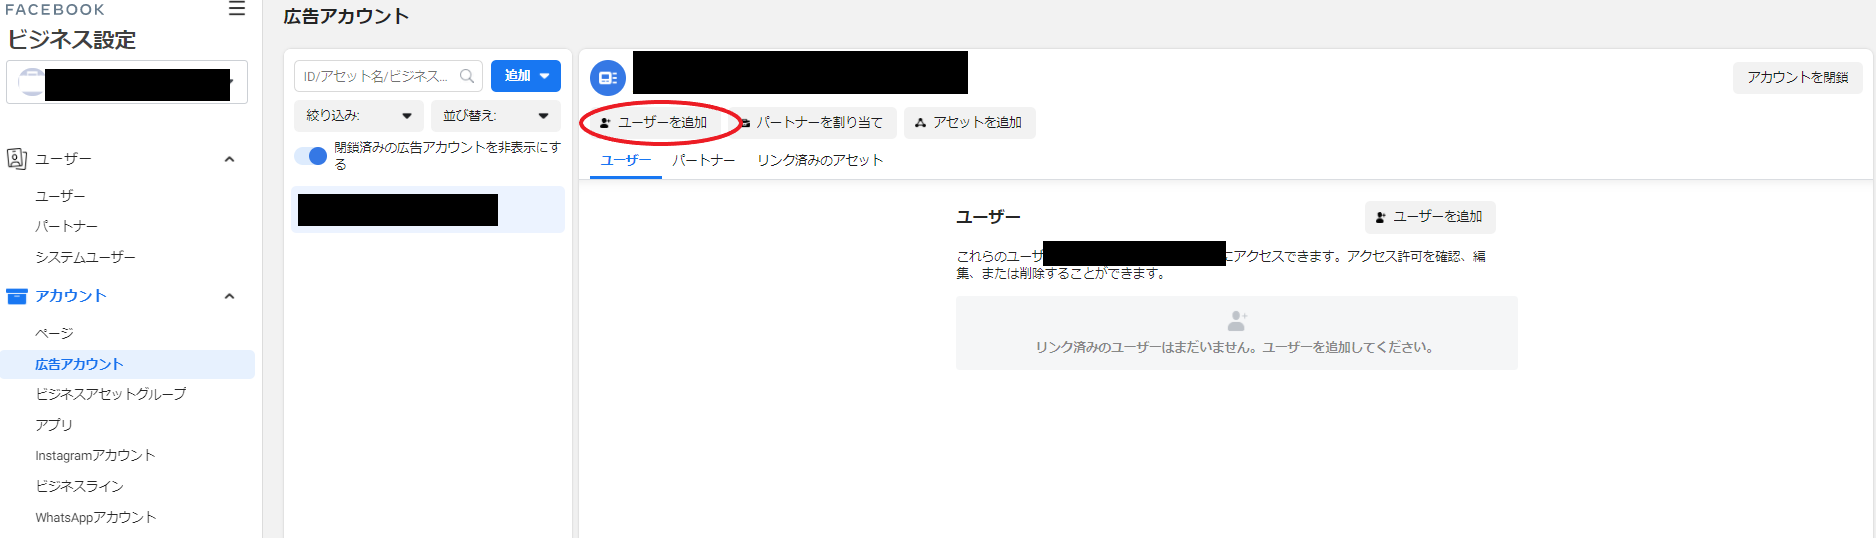 アカウントへユーザーを追加